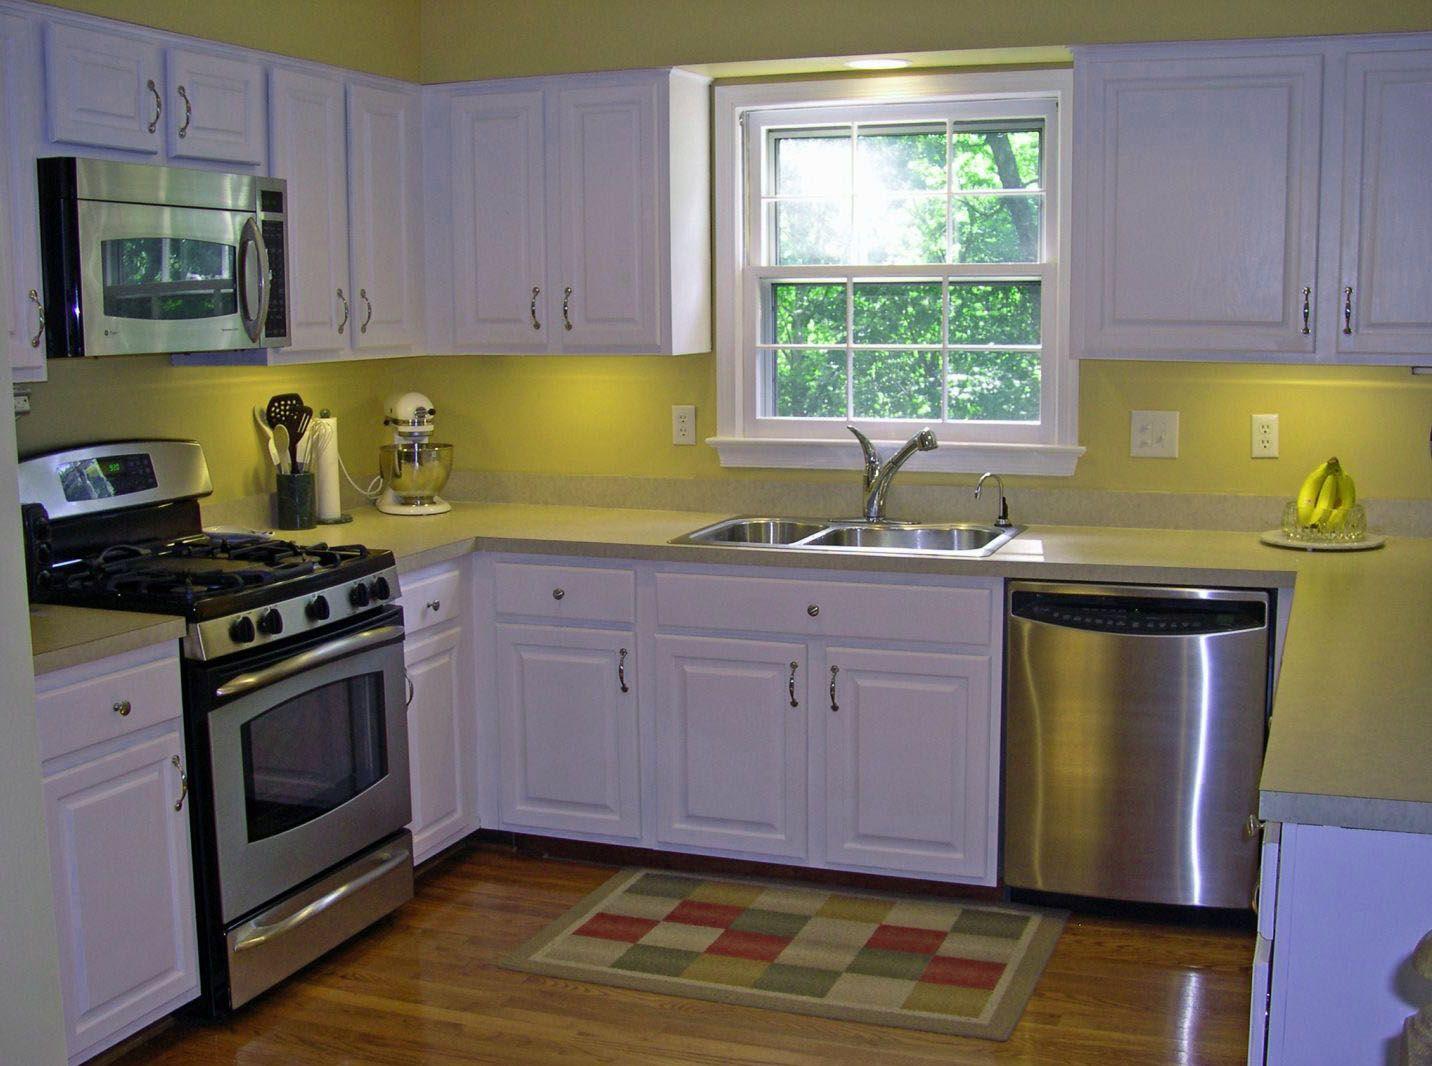 Dise os de cocinas modernas en espacios peque os por - Diseno de cocinas integrales ...